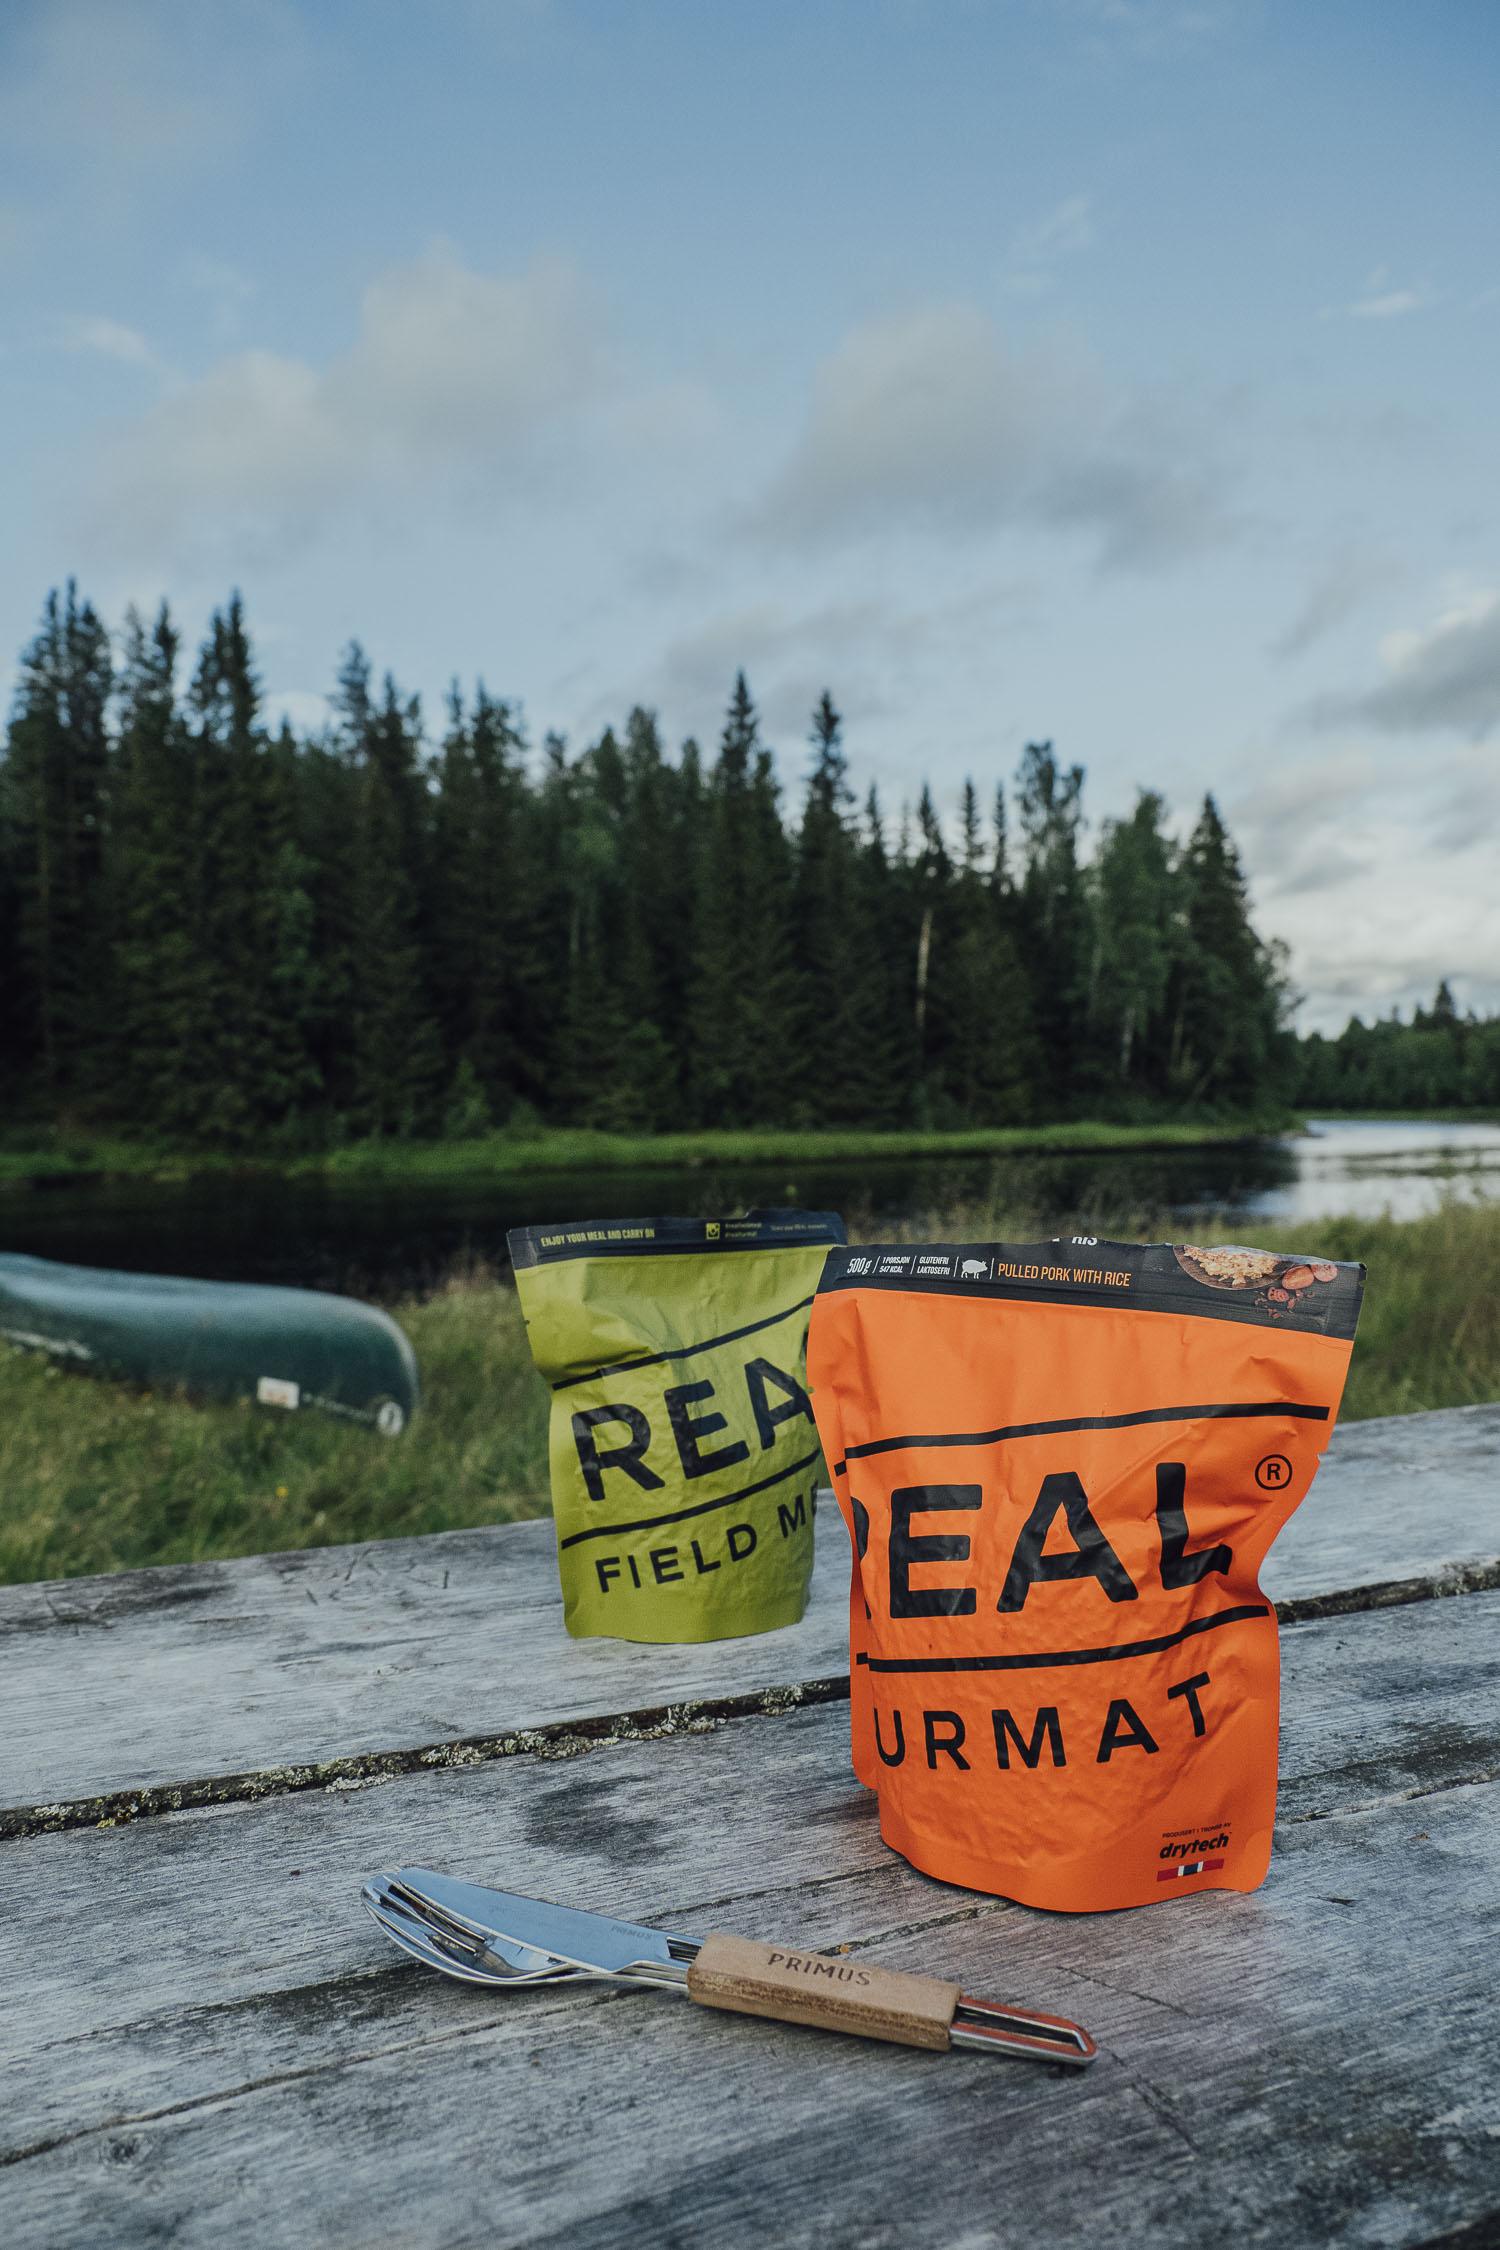 Real turmat canoe dinner